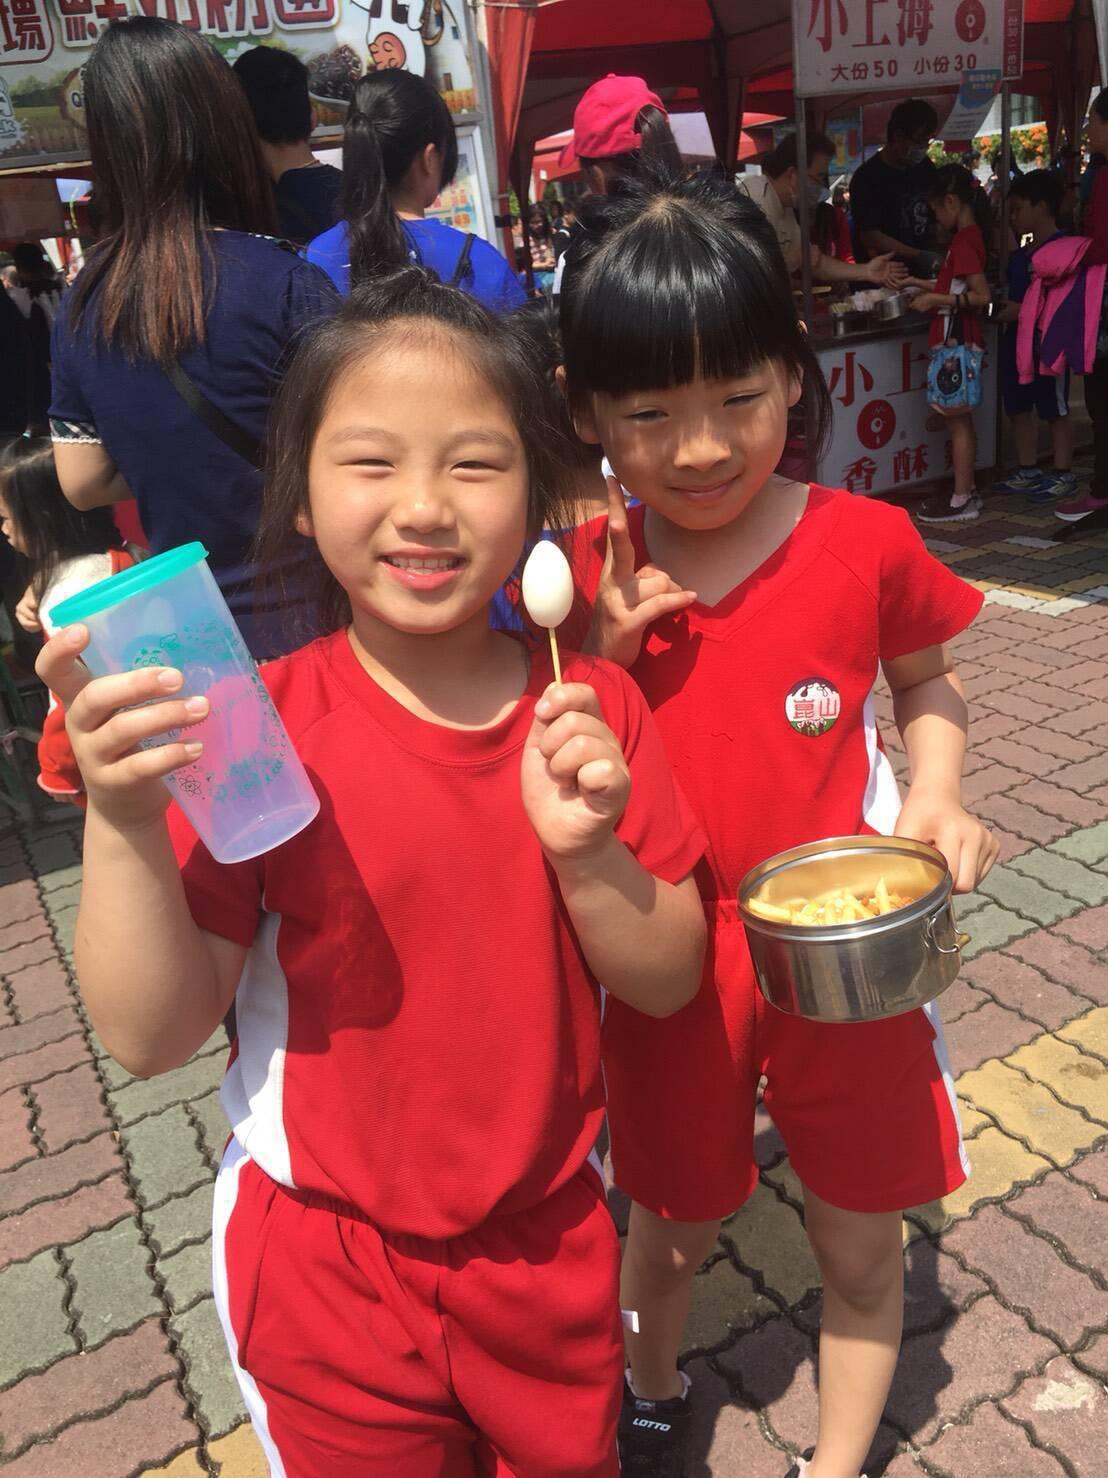 台南崑山國小昨天校慶,孩子以環保杯及餐具,落實愛地球的行動。圖/崑山提供